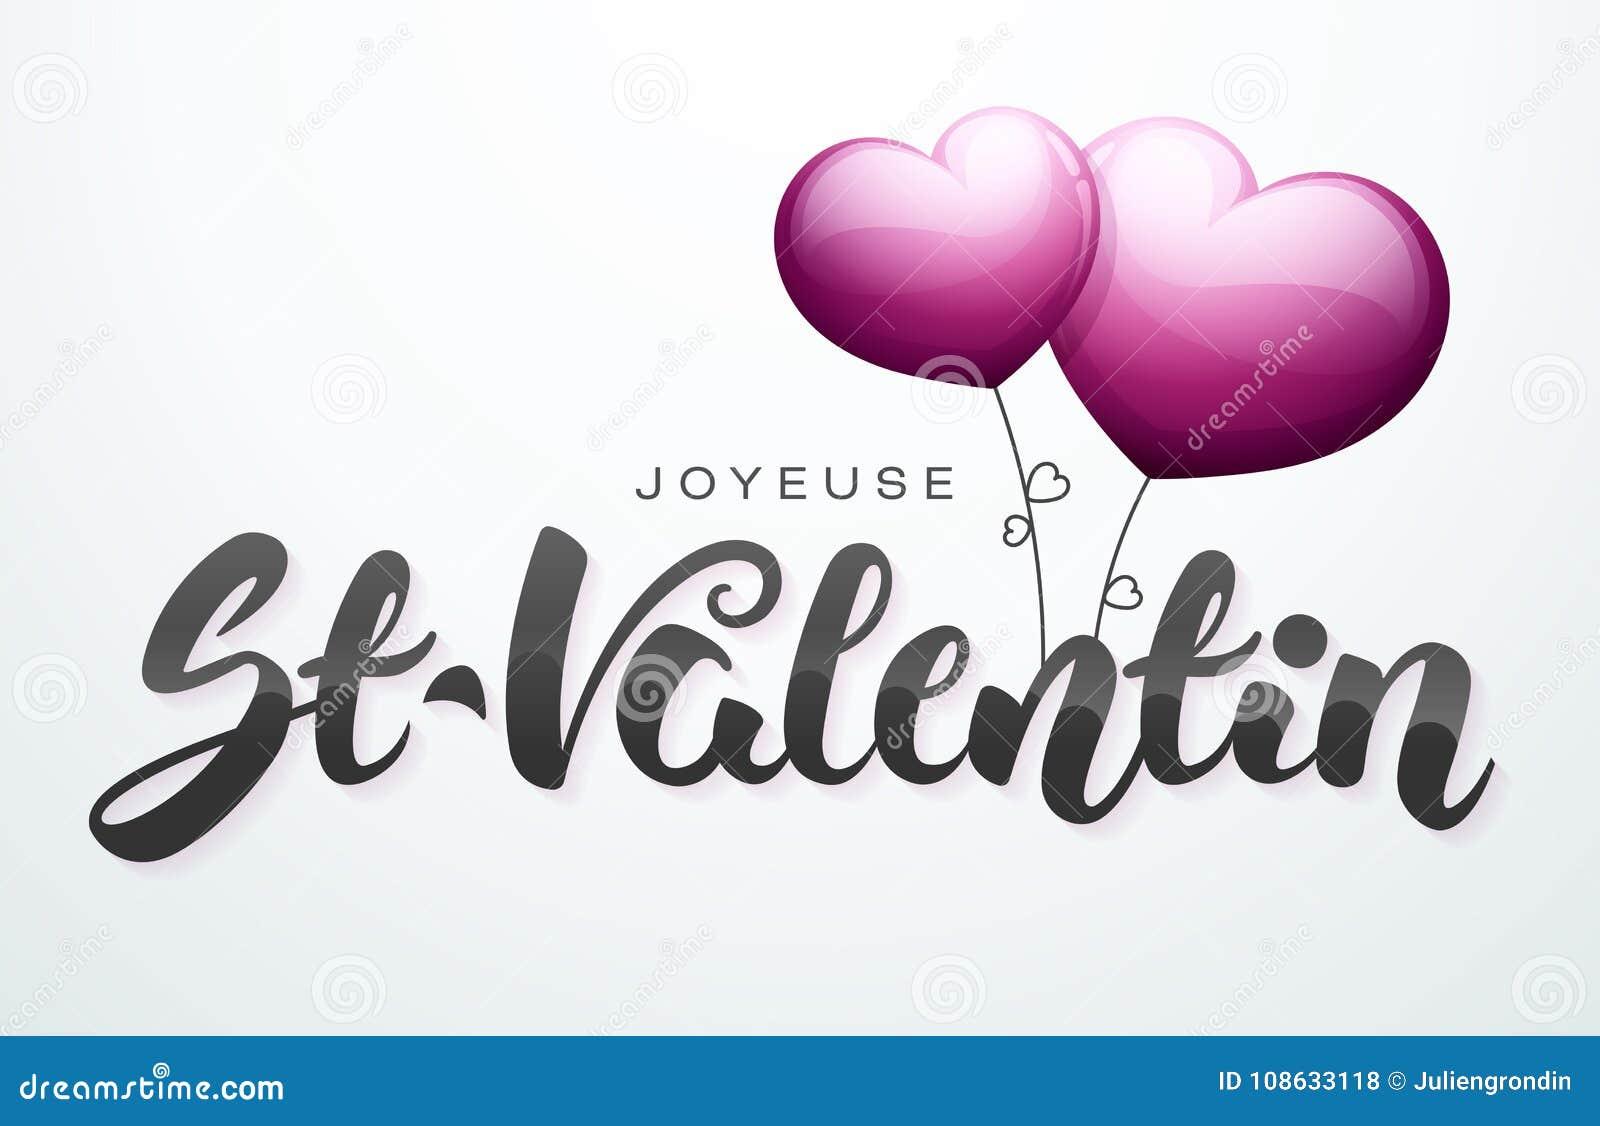 De gelukkige Dag van Valentine ` s in het Frans: Joyeuse st-Valentin